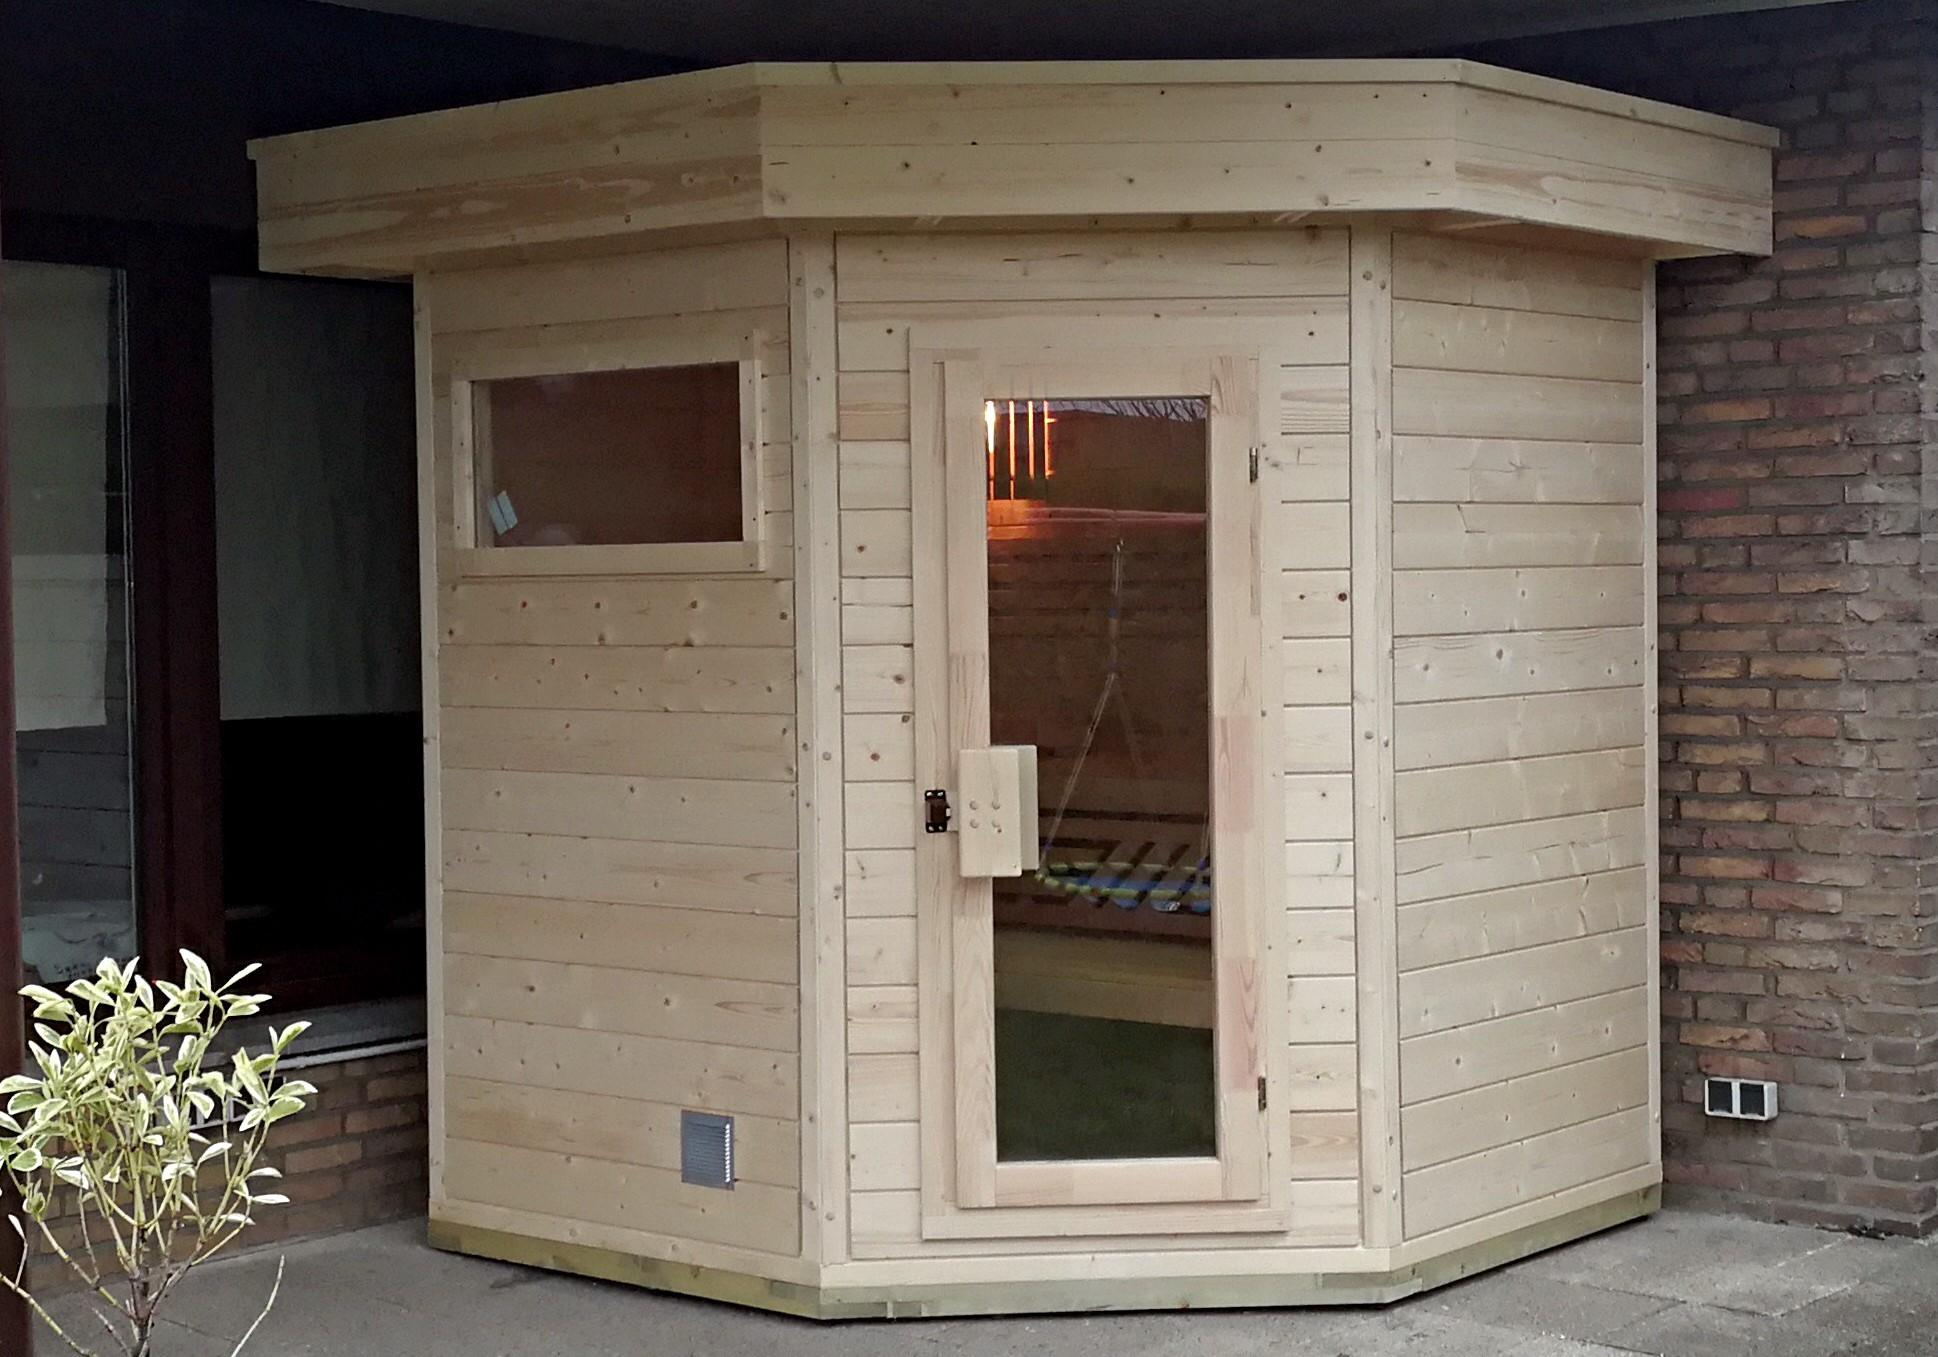 Full Size of Außensauna Wandaufbau Garten Sauna Kaufen Gartensauna Selber Bauen Youfinnische Wohnzimmer Außensauna Wandaufbau